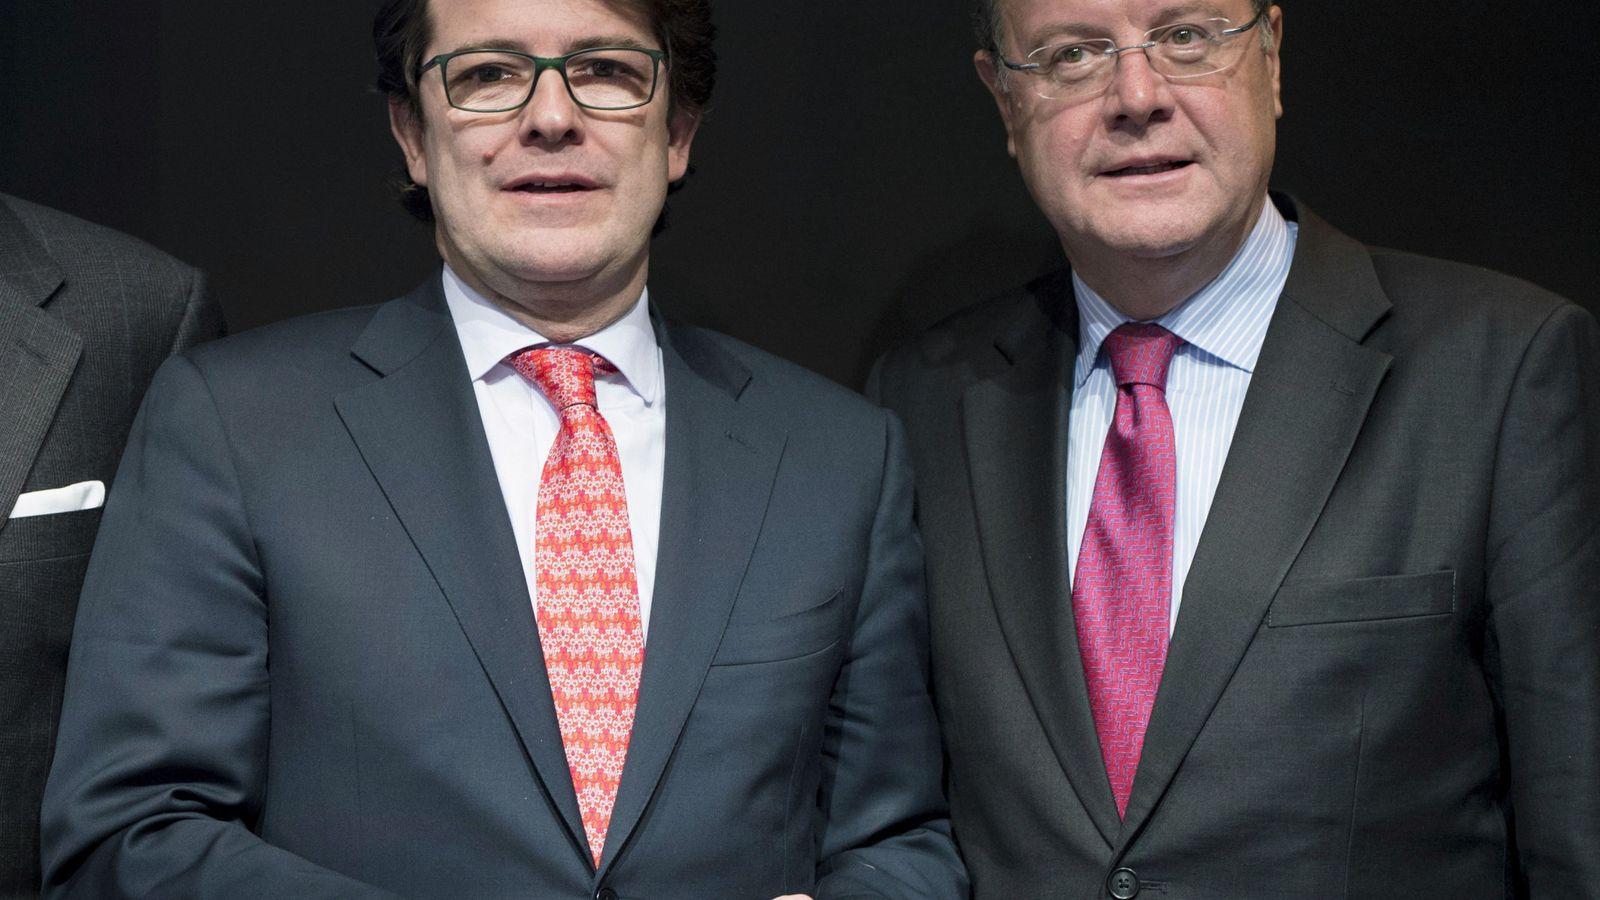 Foto: Los alcaldes de Salamanca y León, Alfonso Fernández Mañueco y Antonio Silván, respectivamente. (EFE)